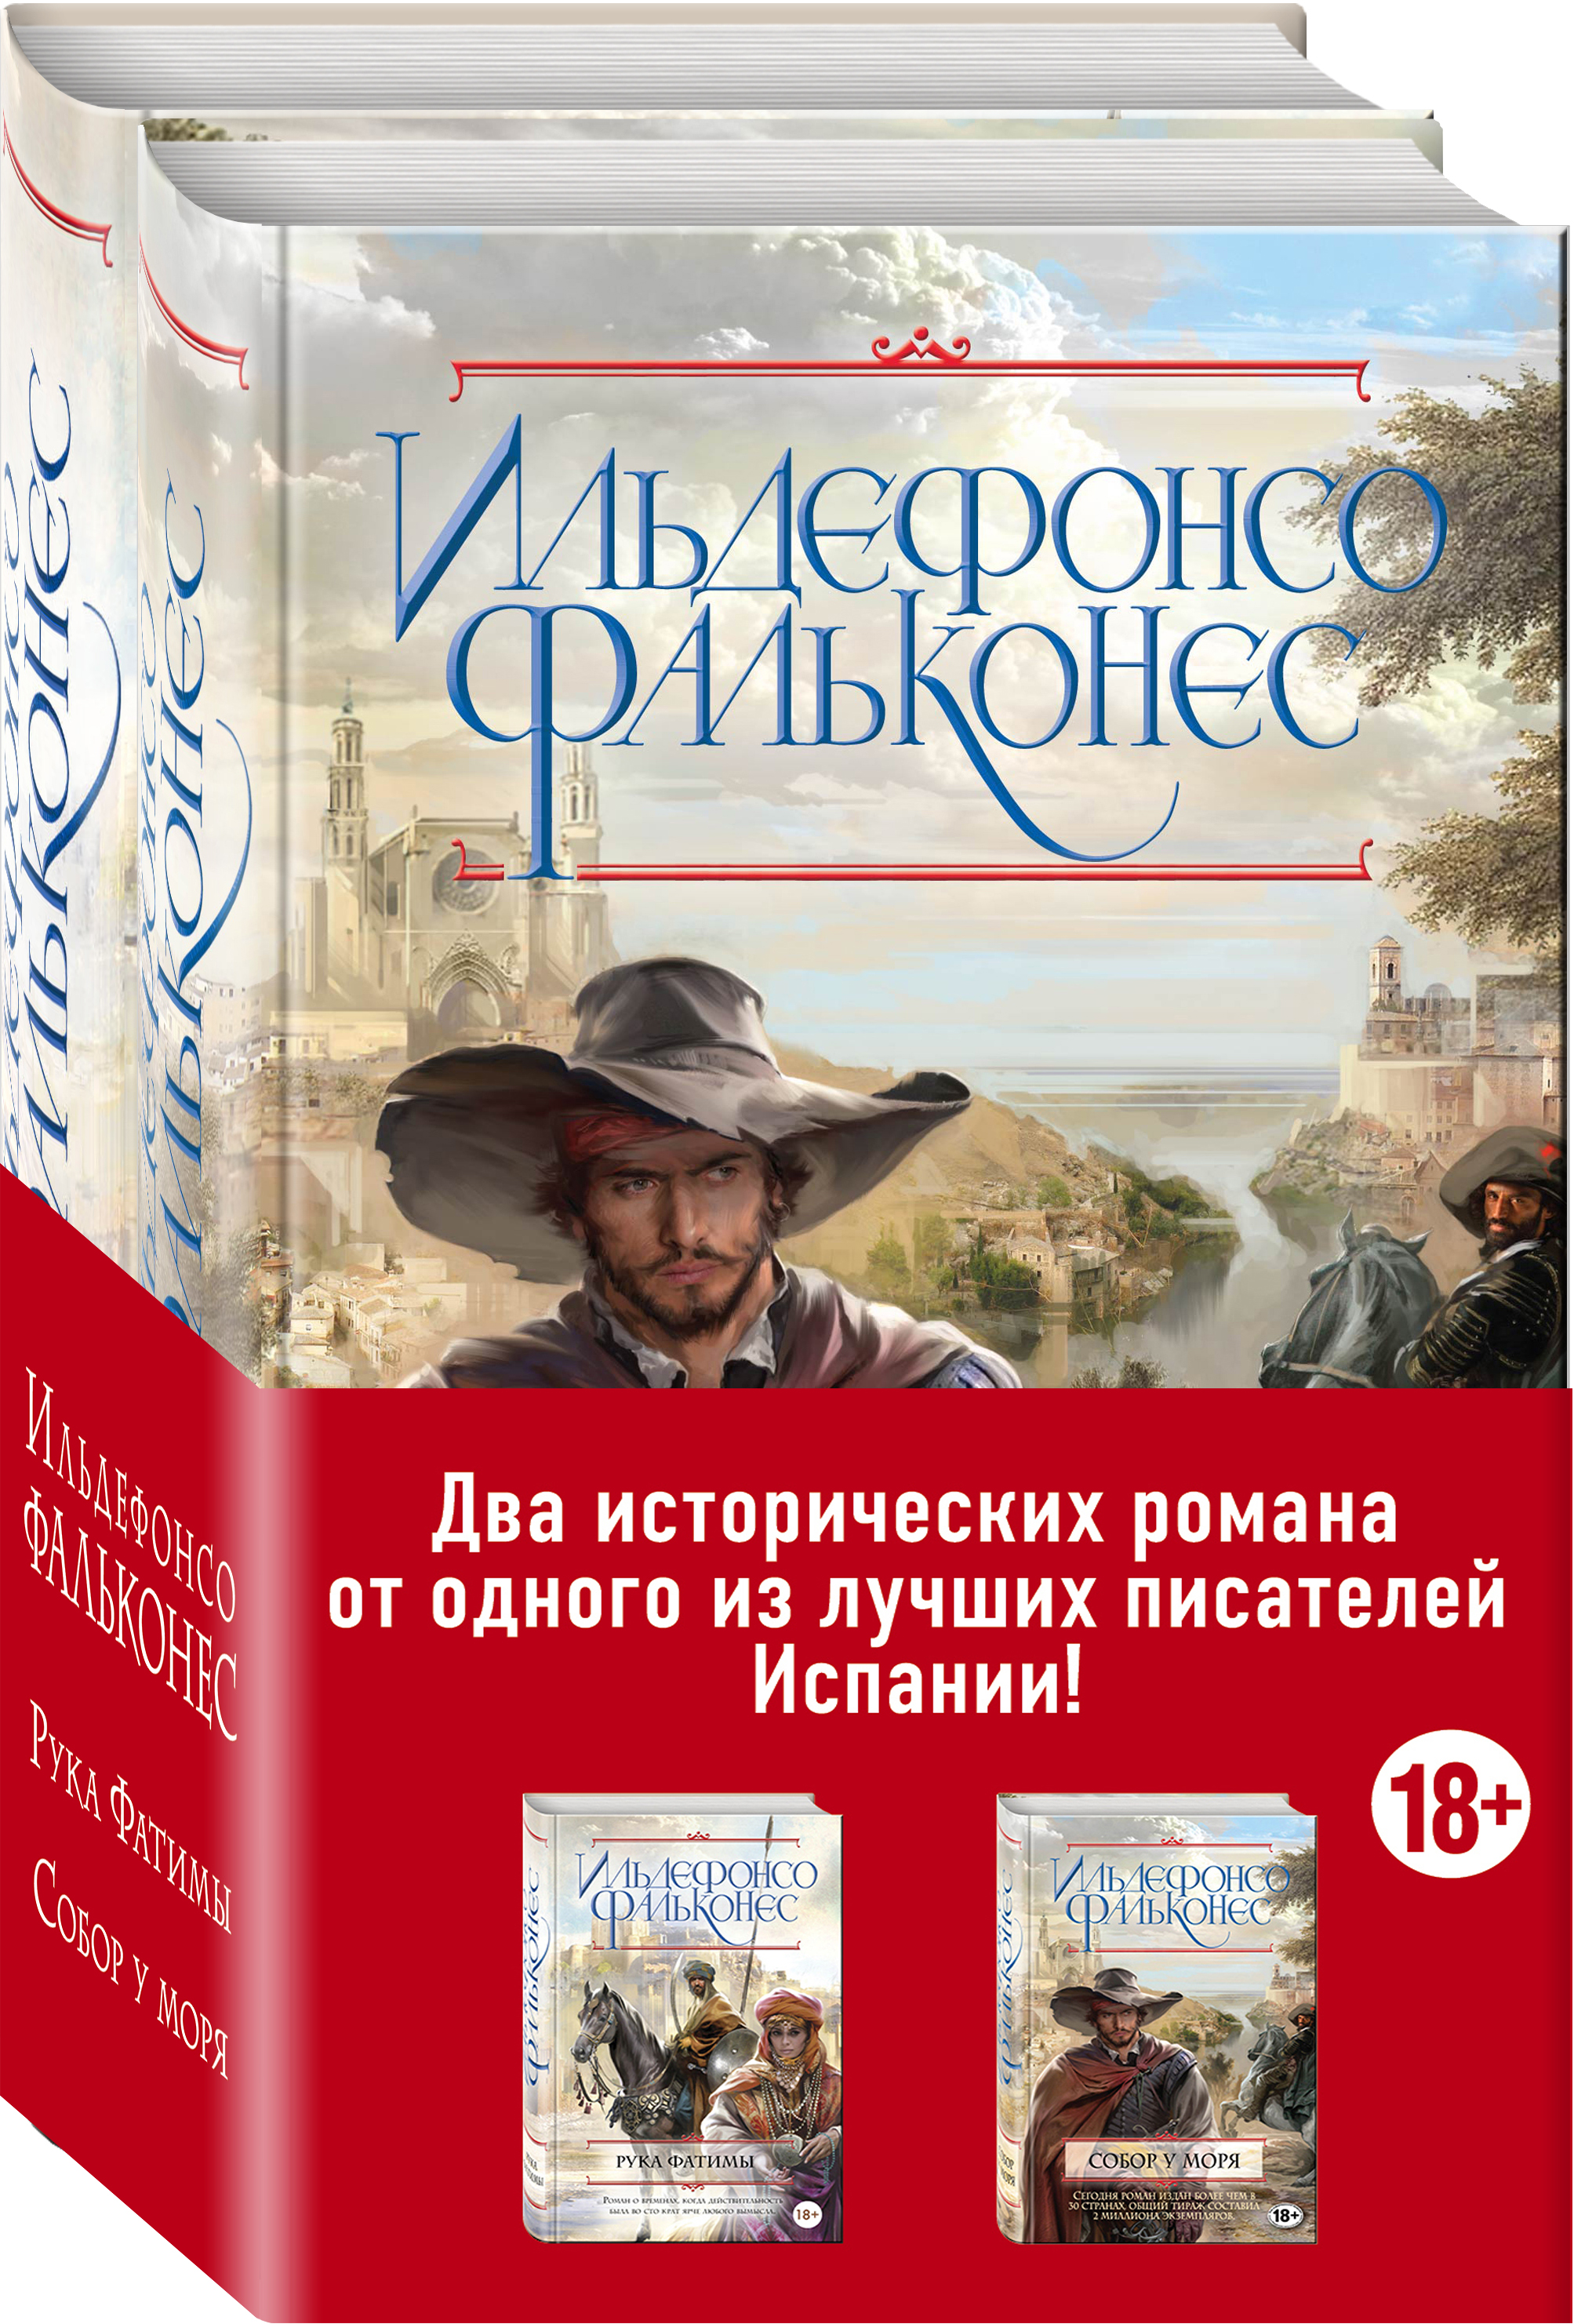 Фальконес И. Тайны под солнцем (комплект из 2 книг) фальконес и рука фатимы собор у моря комплект из 2 книг